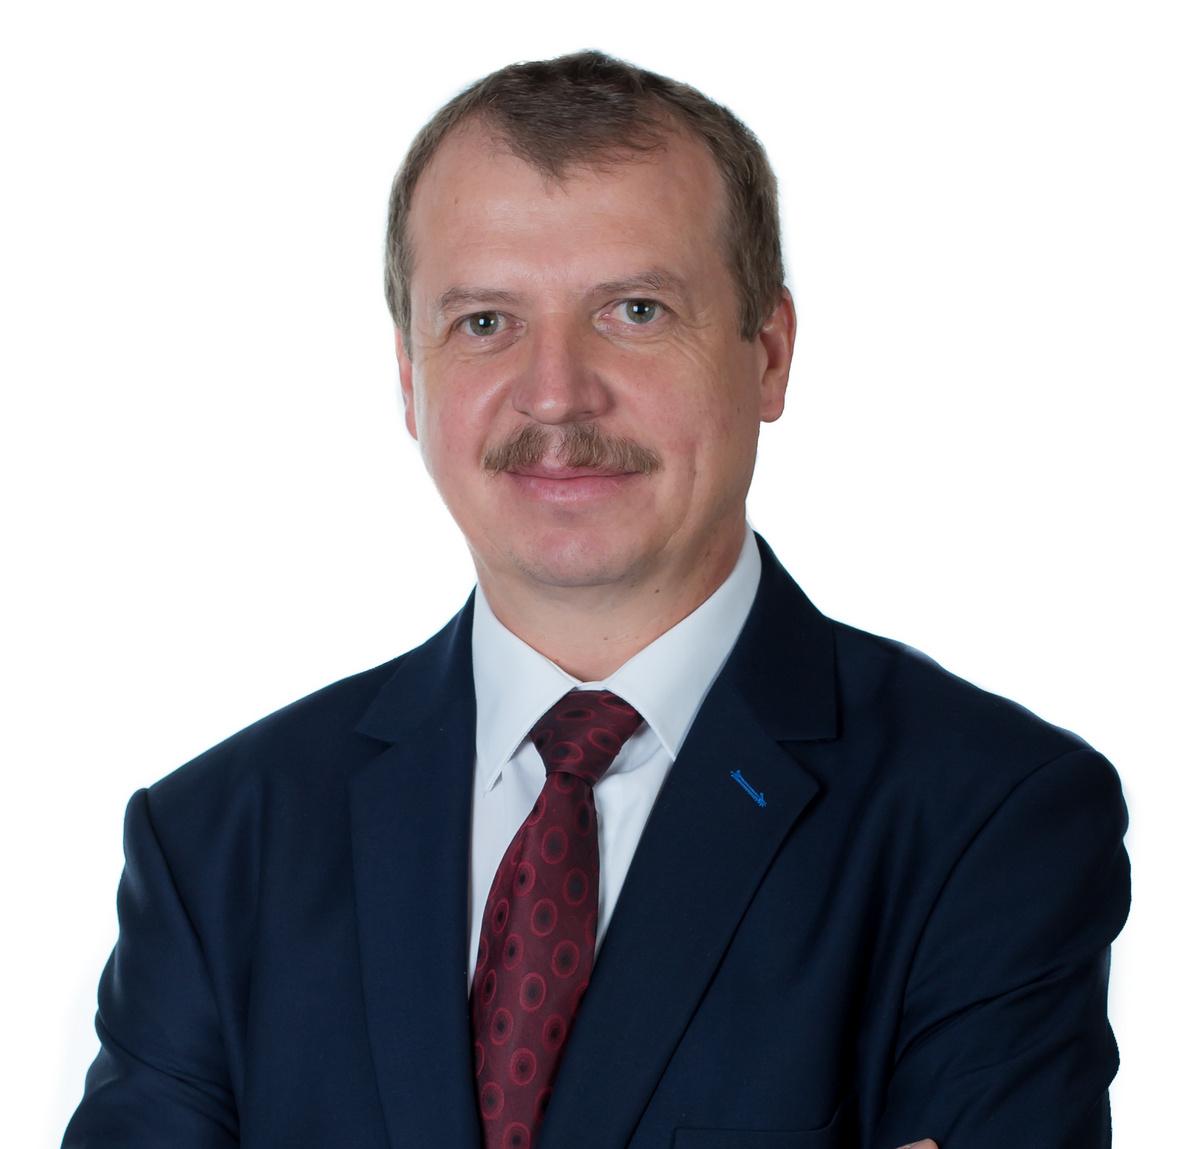 Przed ciszą wyborczą - Henryk Gazurek